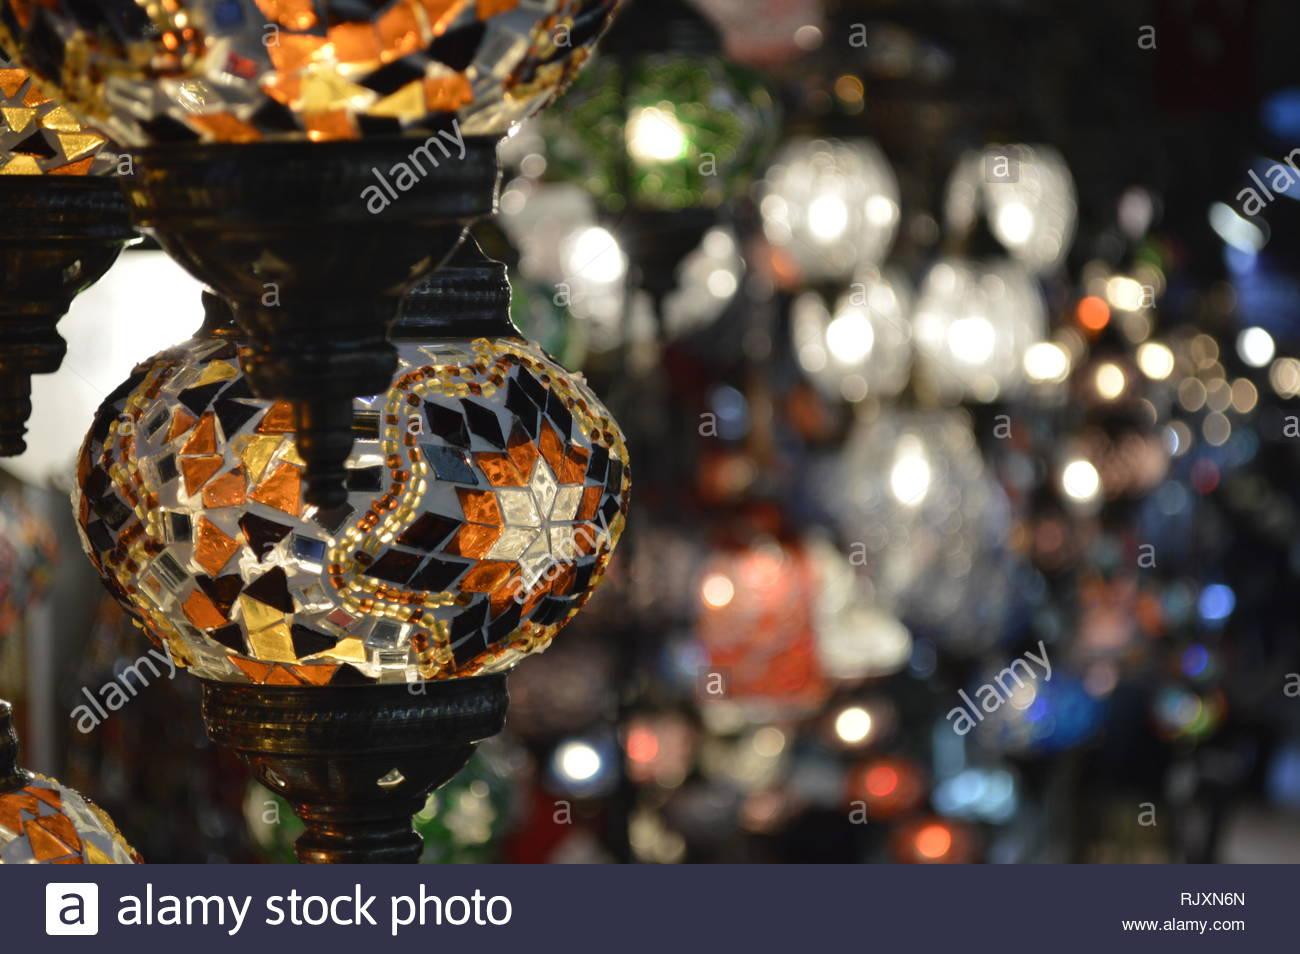 Lámparas el Bazar vende en de Estambul Gran turcasse wN80vmn